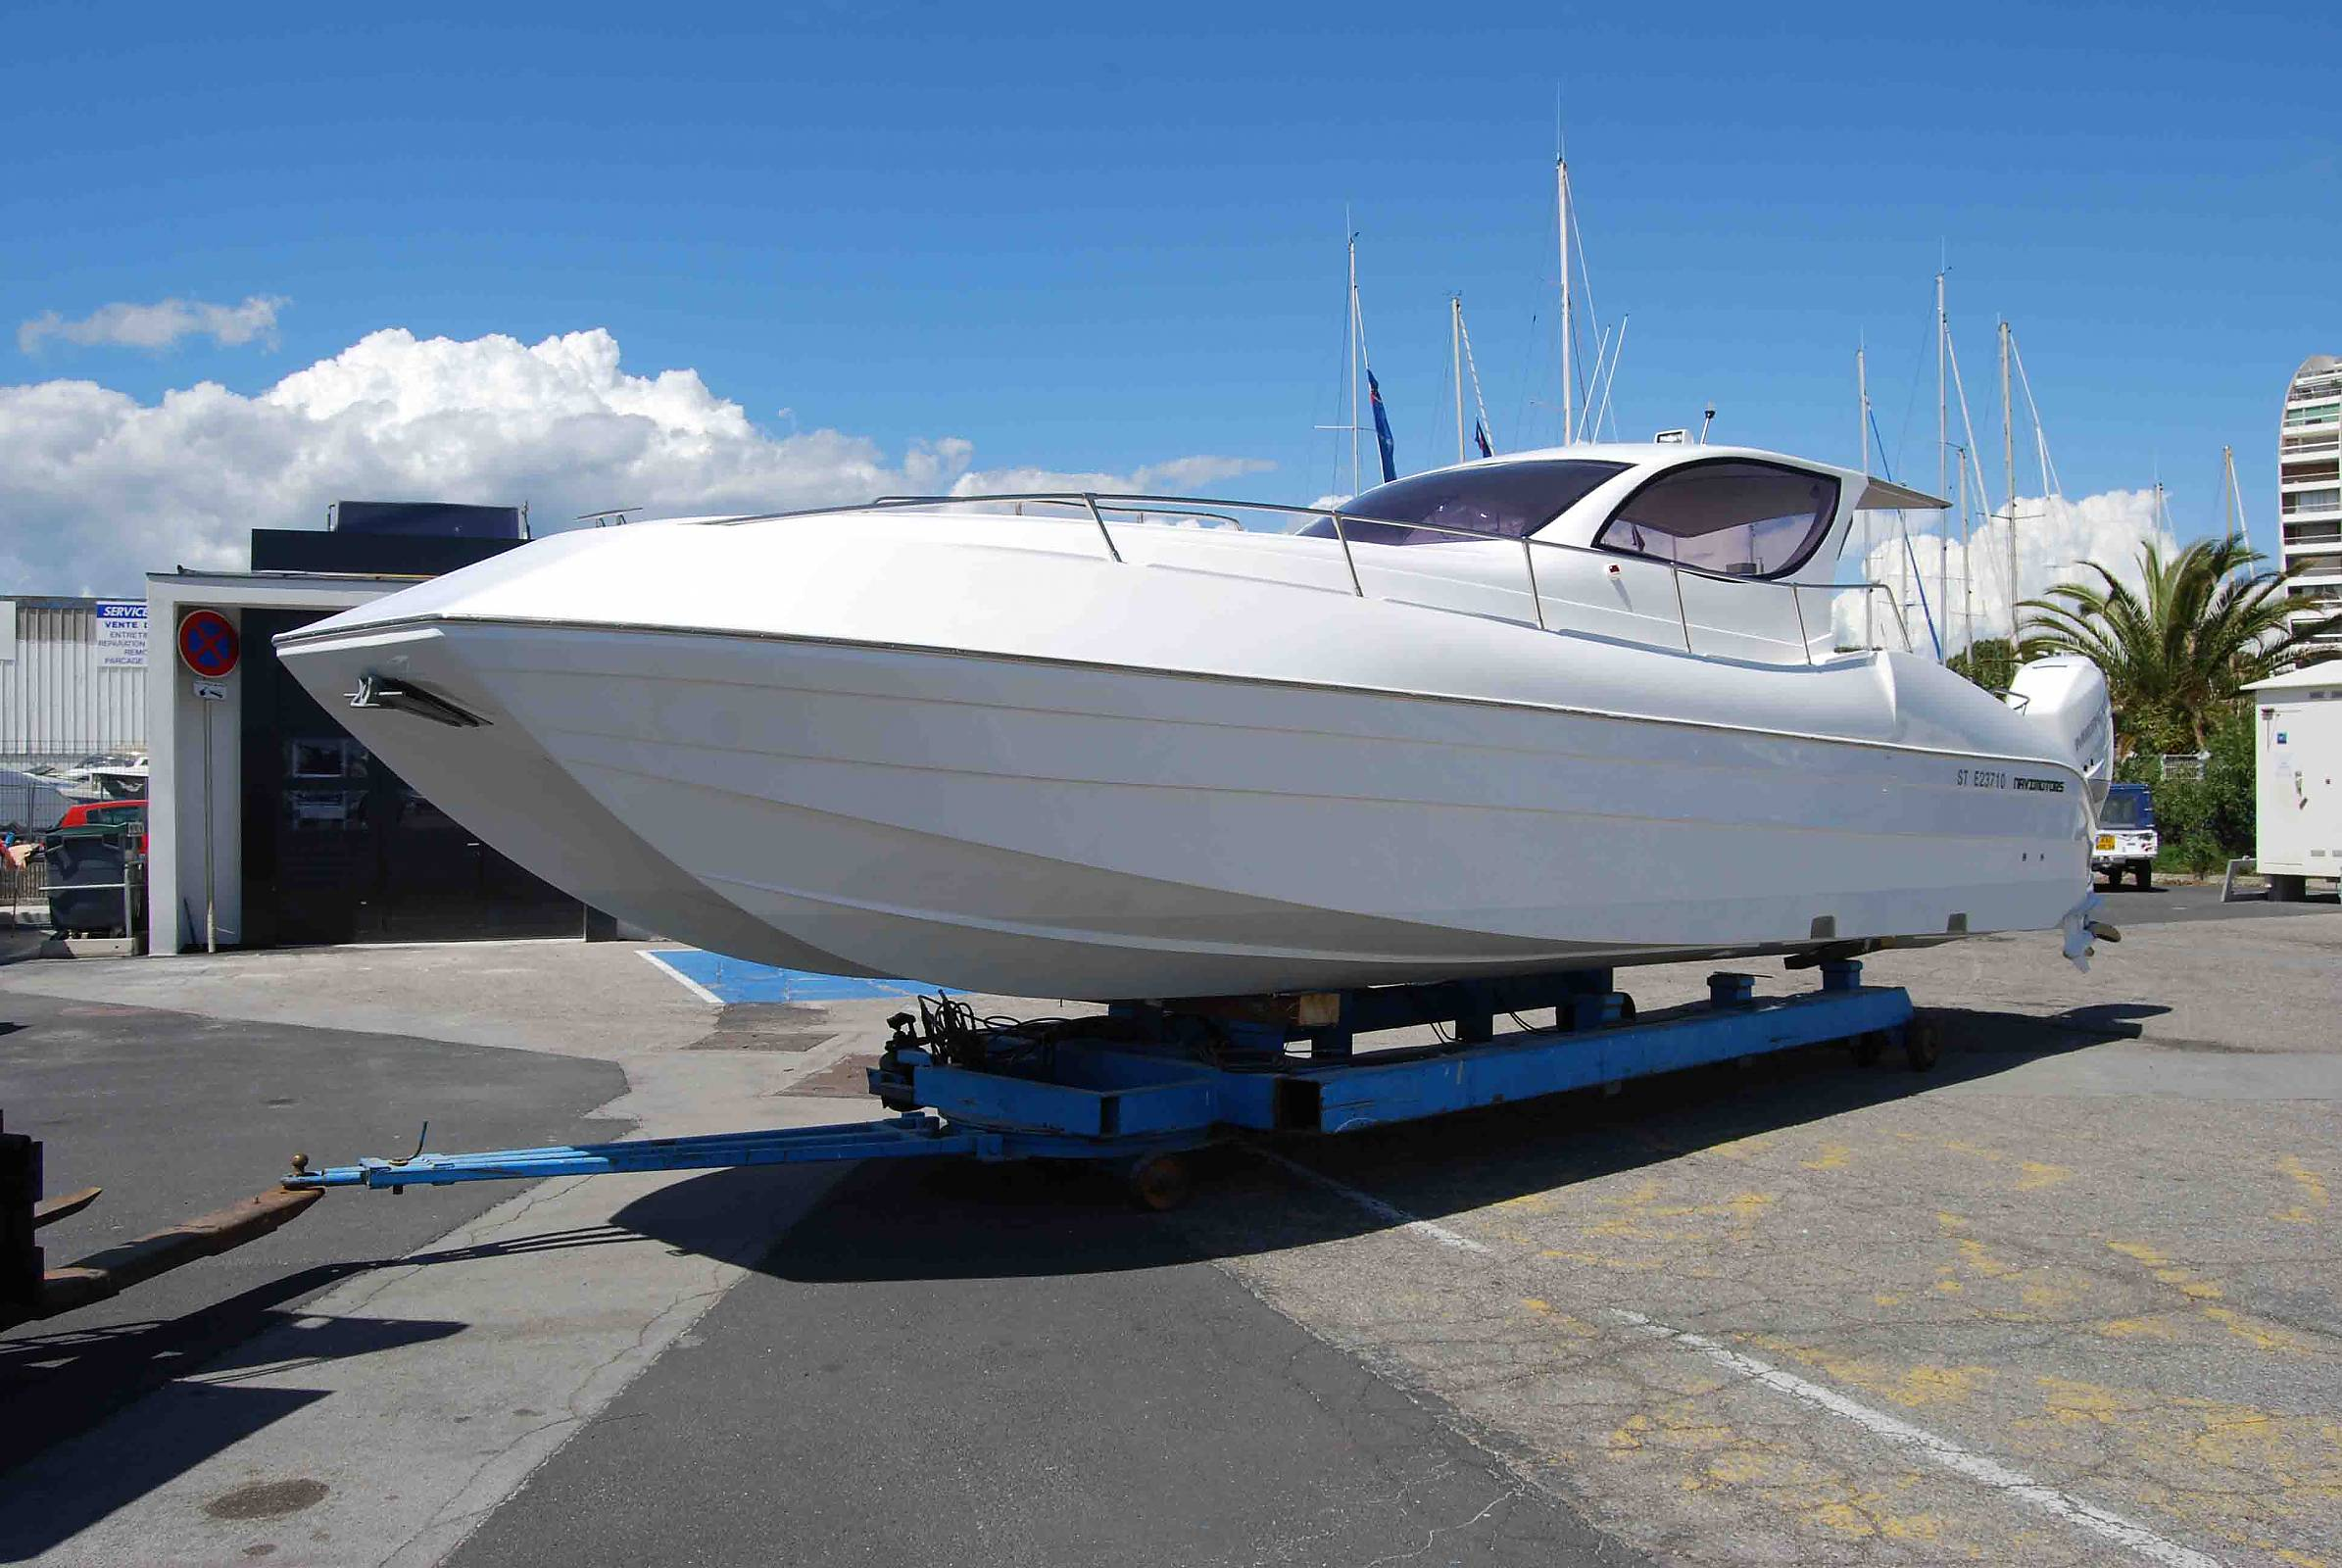 Power Catamaran Designs - Copie de dsc_6233 jpg